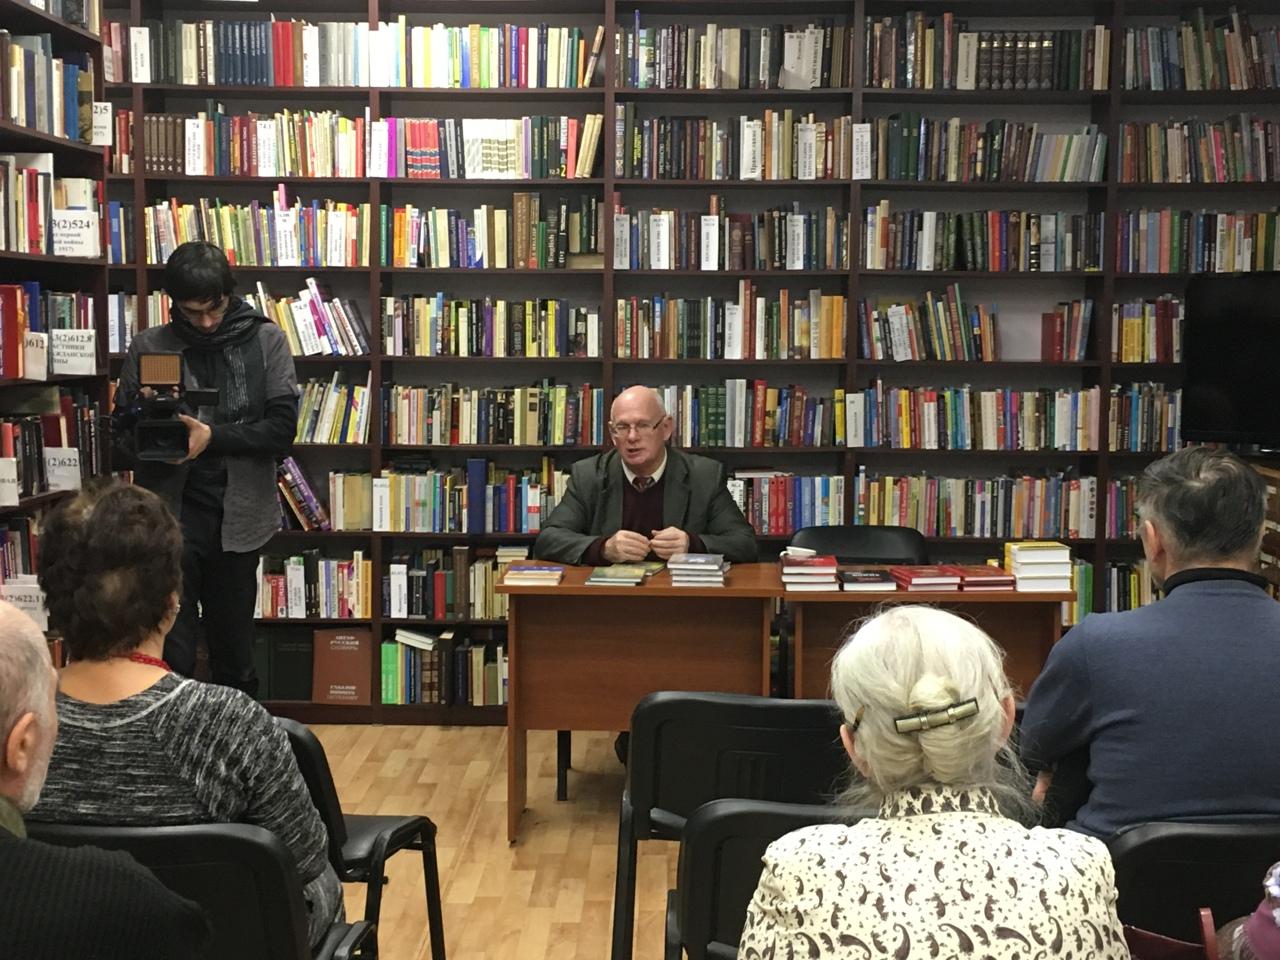 Встречу с писателем проведут в библиотеке №2 в Троицке. Фото: официальная страница библиотеки №2 в социальных сетях